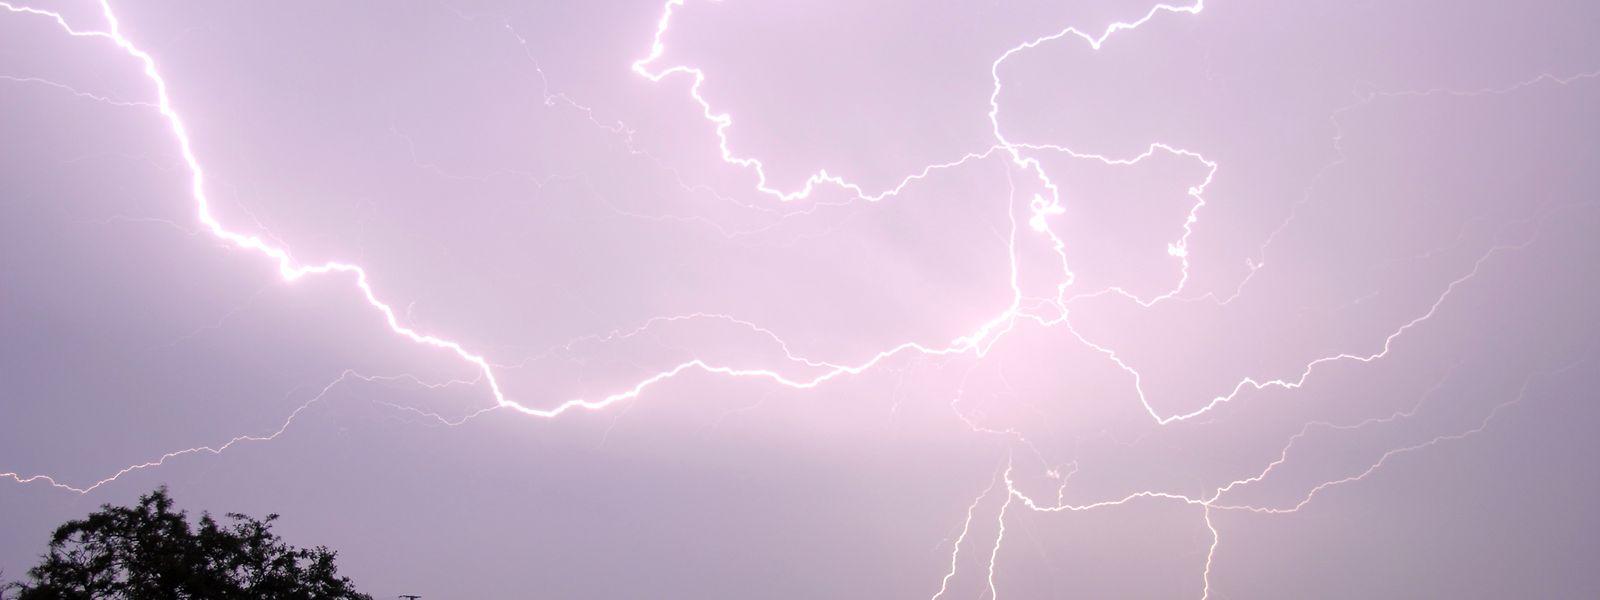 Ab 14 Uhr sollte mit Gewittern gerechnet werden.